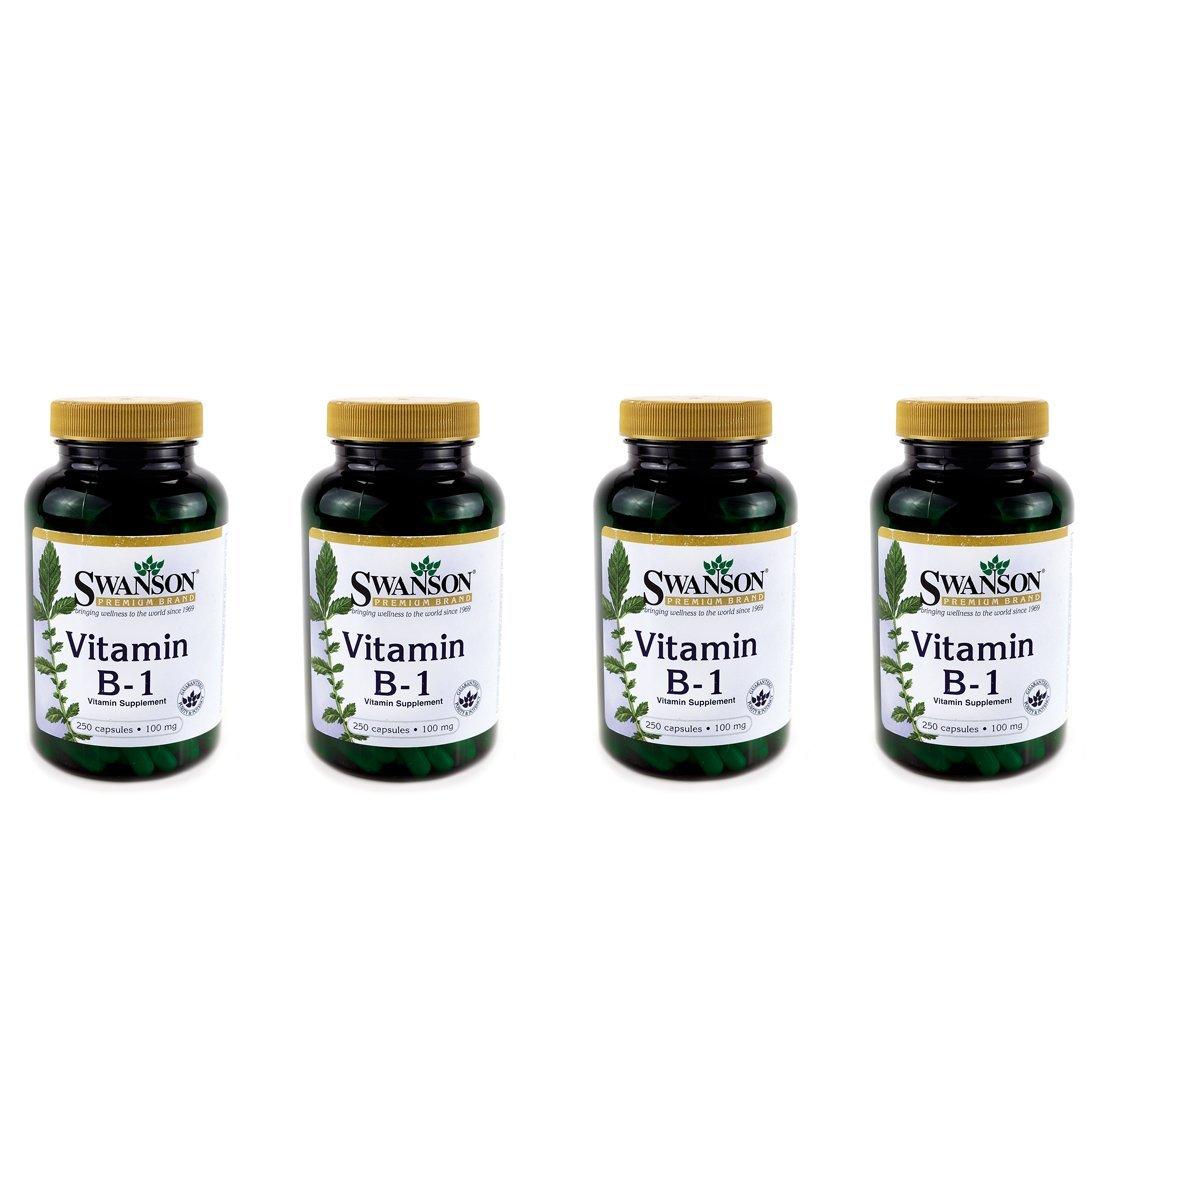 Swanson Vitamin B-1 (Thiamin) 100 Milligrams 250 Capsules 4 Pack